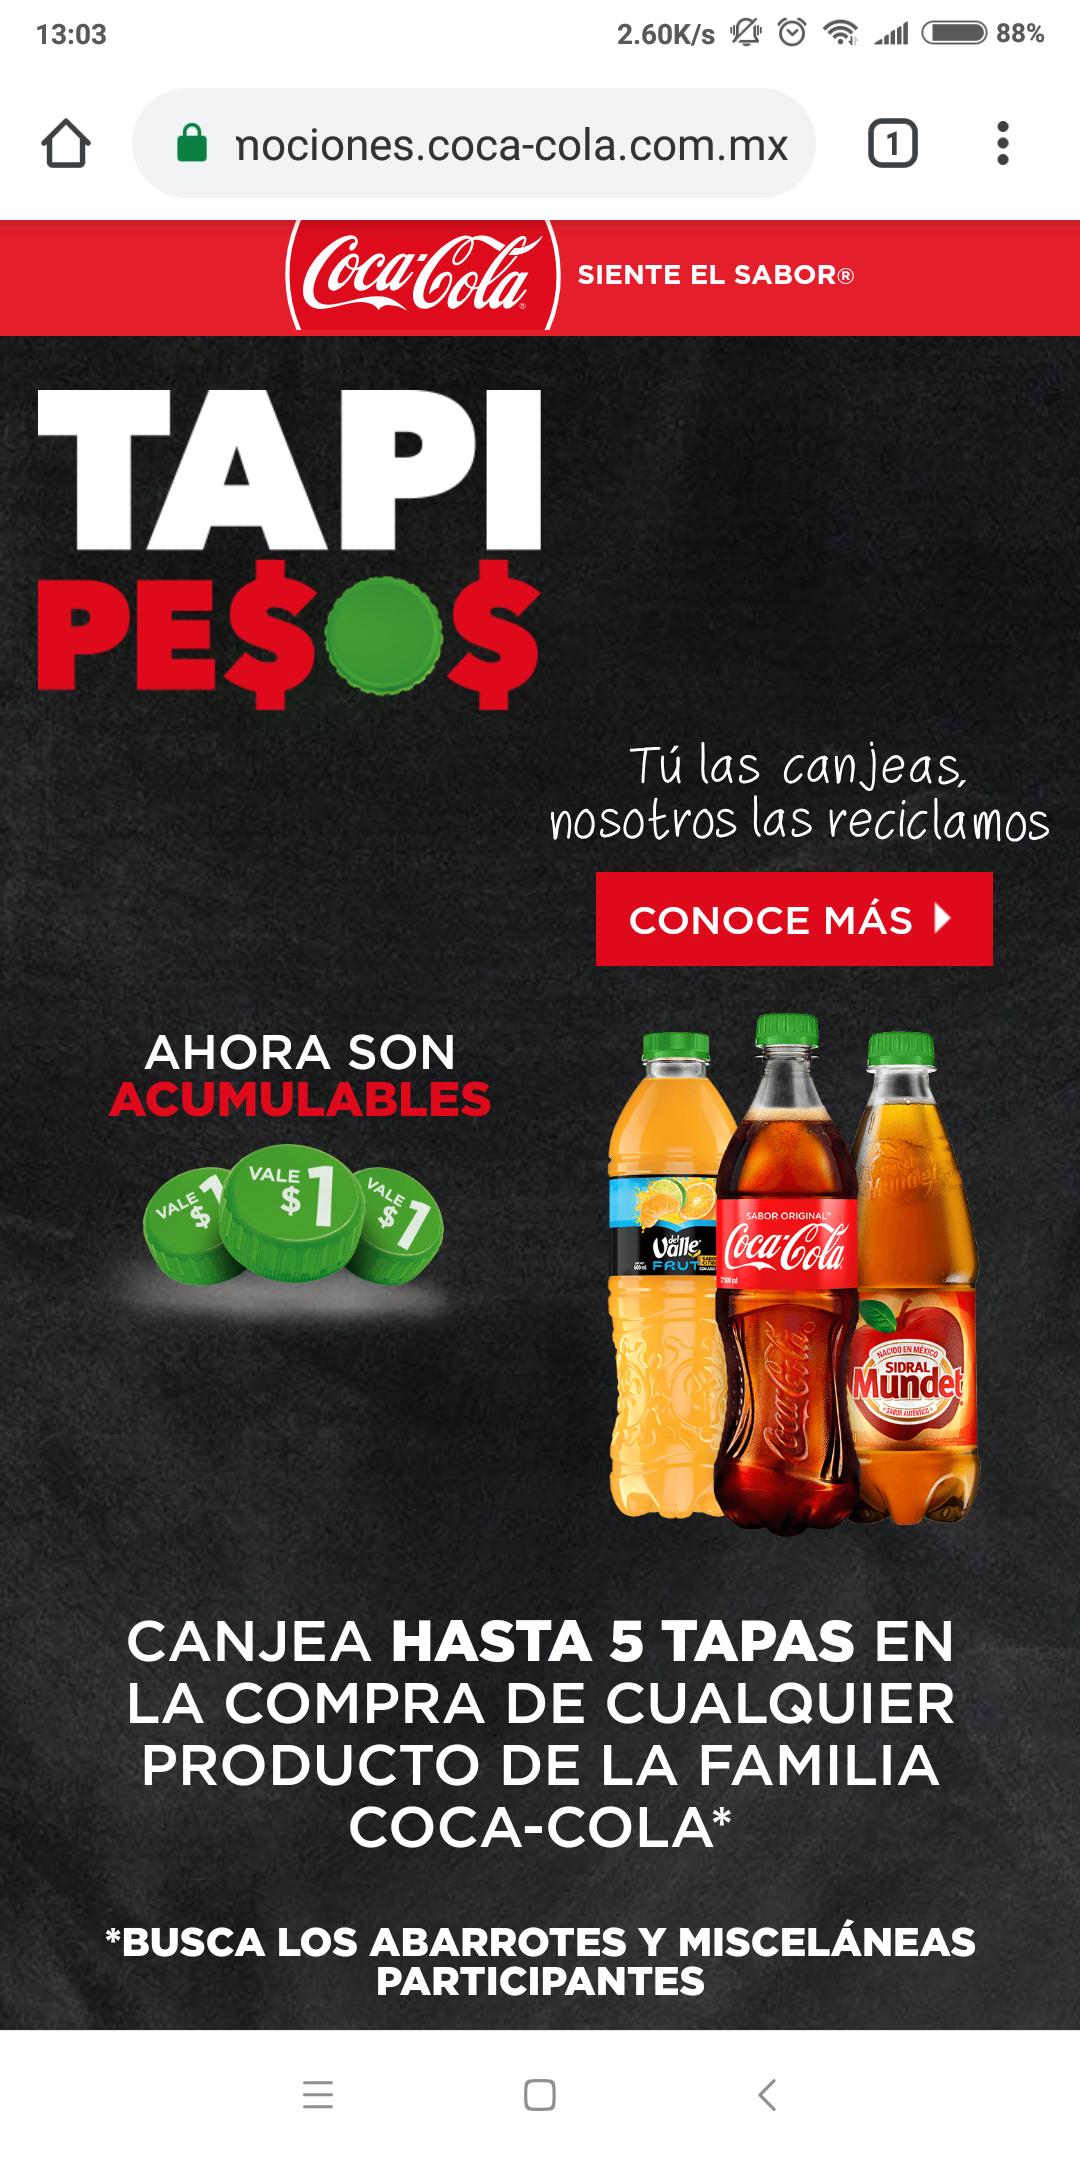 Coca Cola: Tapipesos, hasta -$5 en productos coca cola